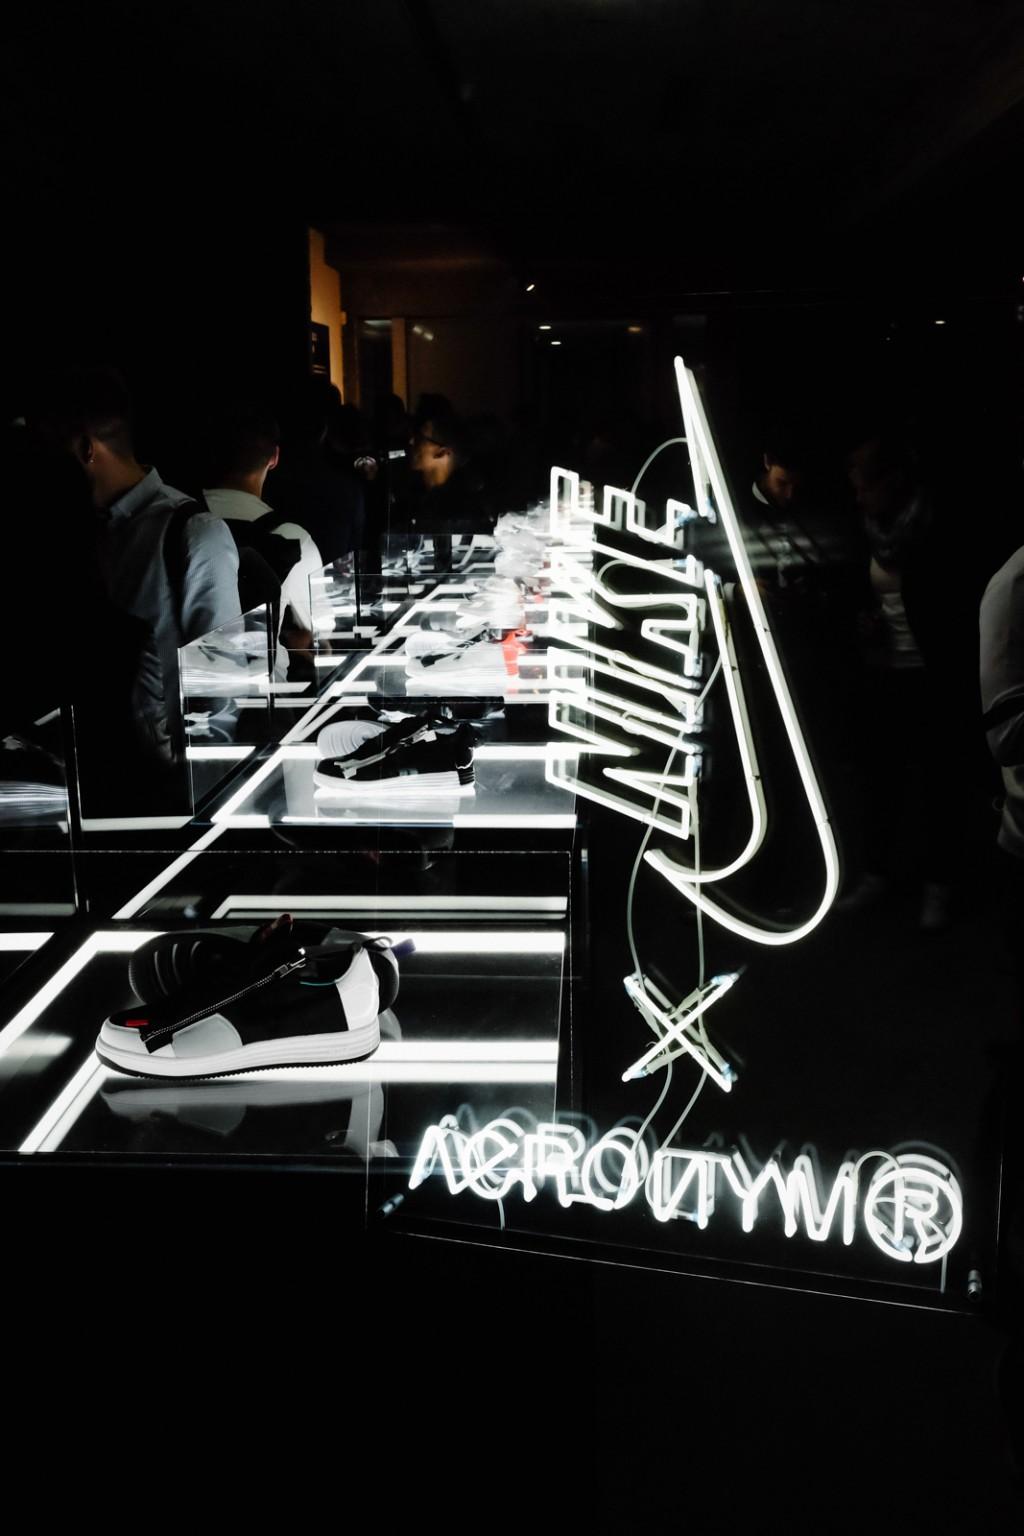 BENJAMIN MARKSTEIN Nike X Acronym